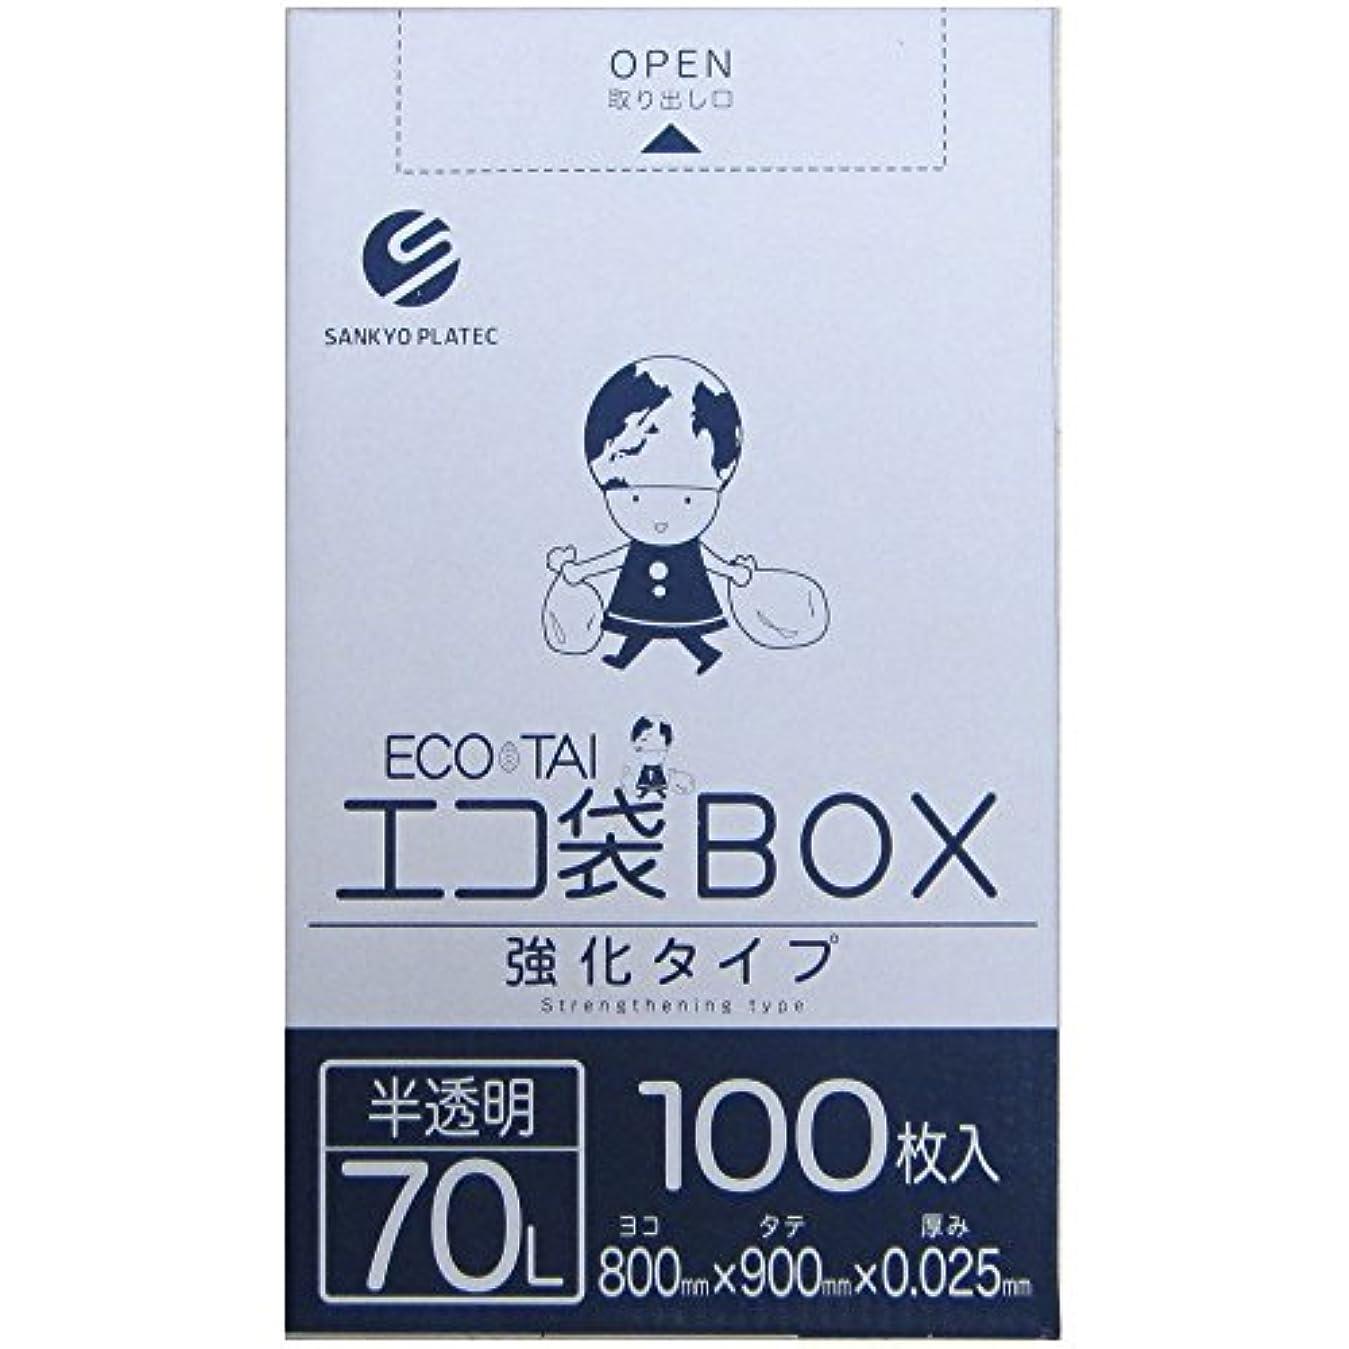 日焼け古くなった逆説70L 半透明ごみ袋強化タイプ ボックスタイプ【Bedwin Mart】 (a_0.025mm厚_100枚)